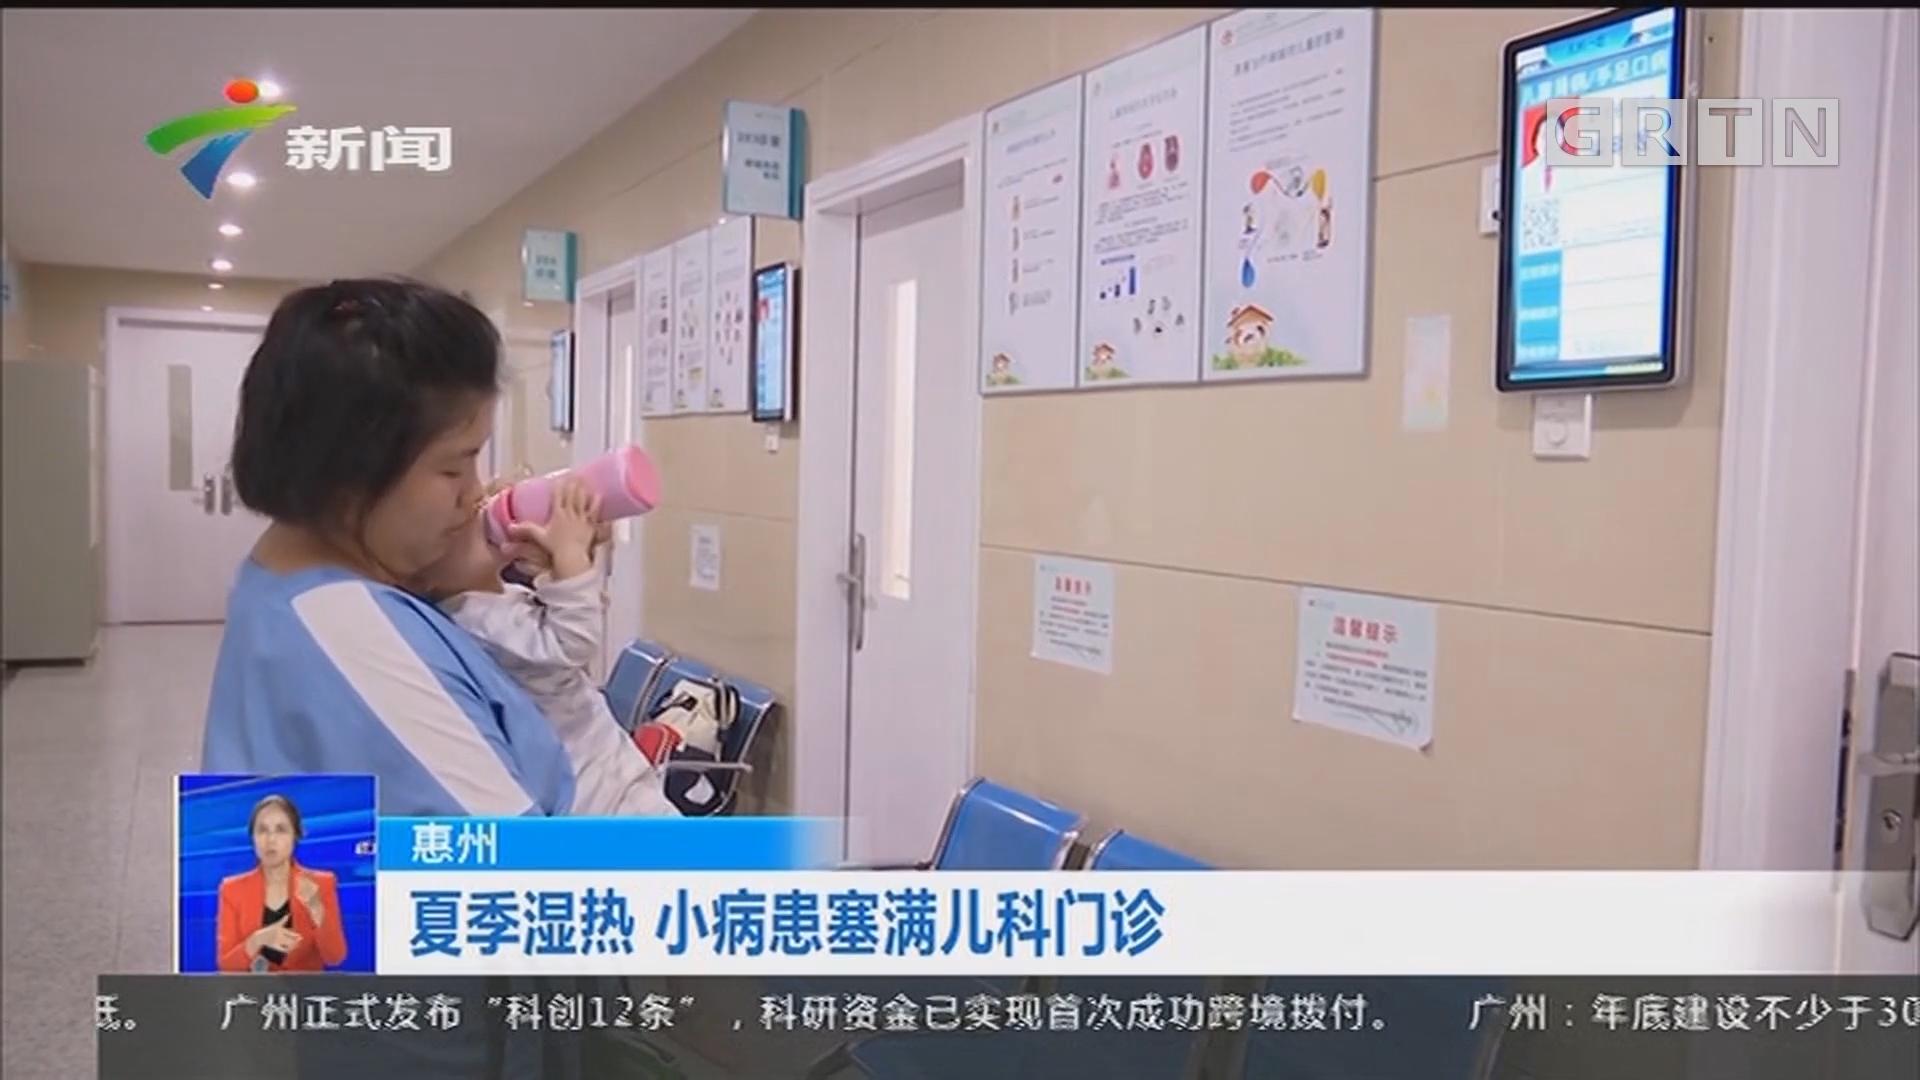 惠州:夏季湿热 小病患塞满儿科门诊